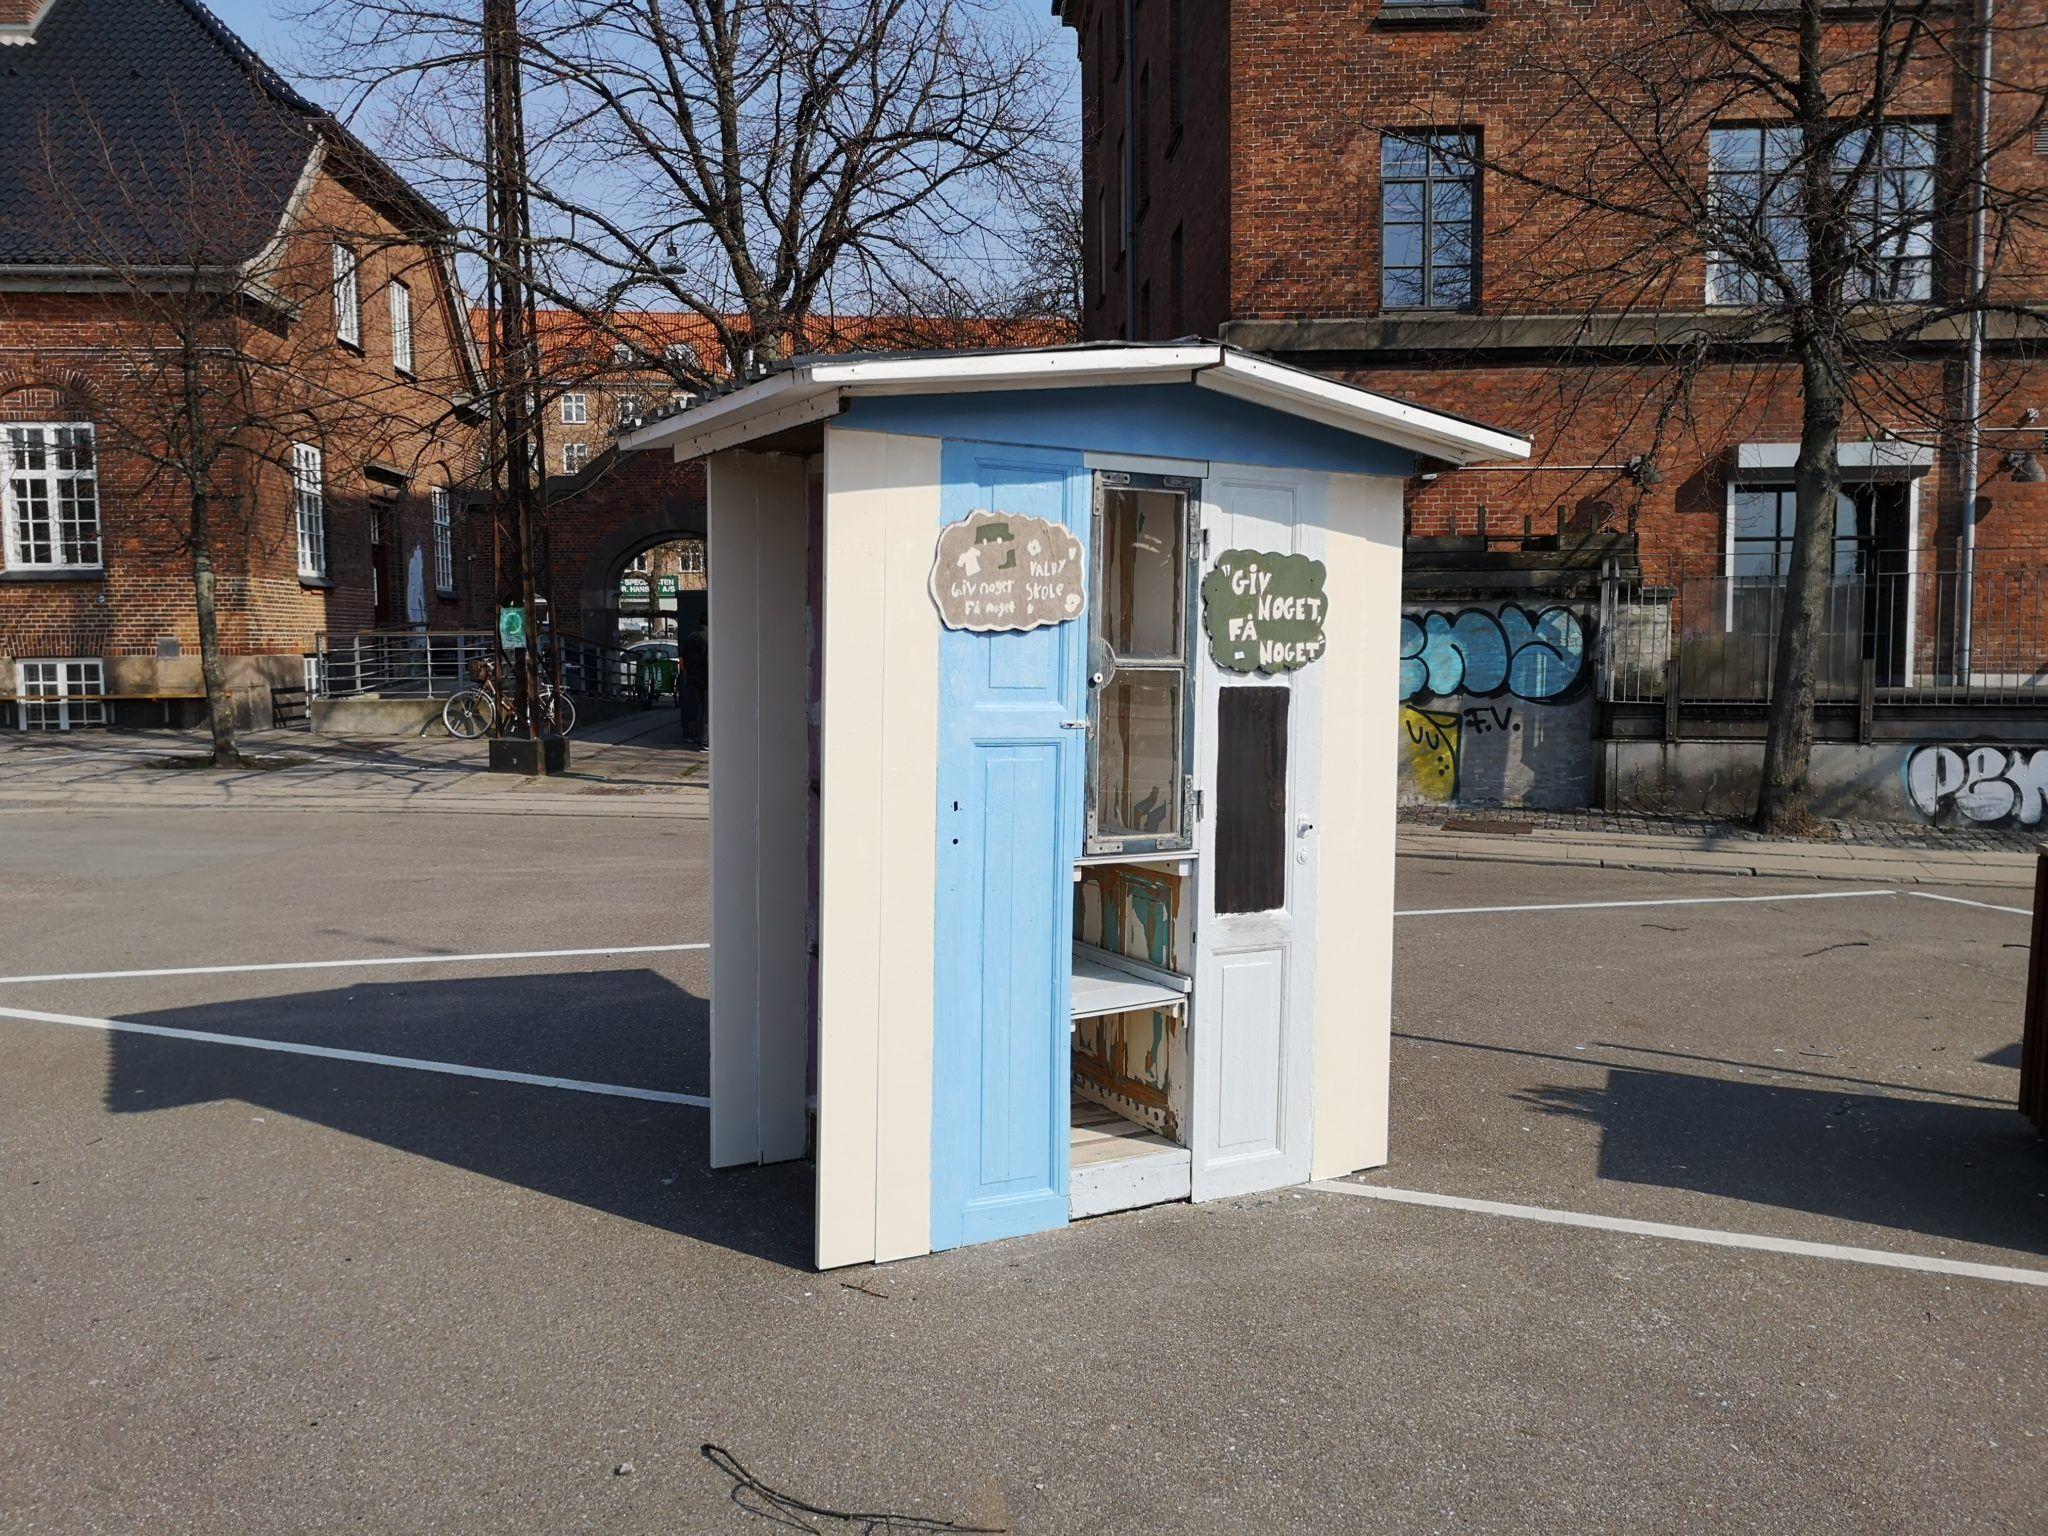 Bytteø Toftegårds Plads Valby